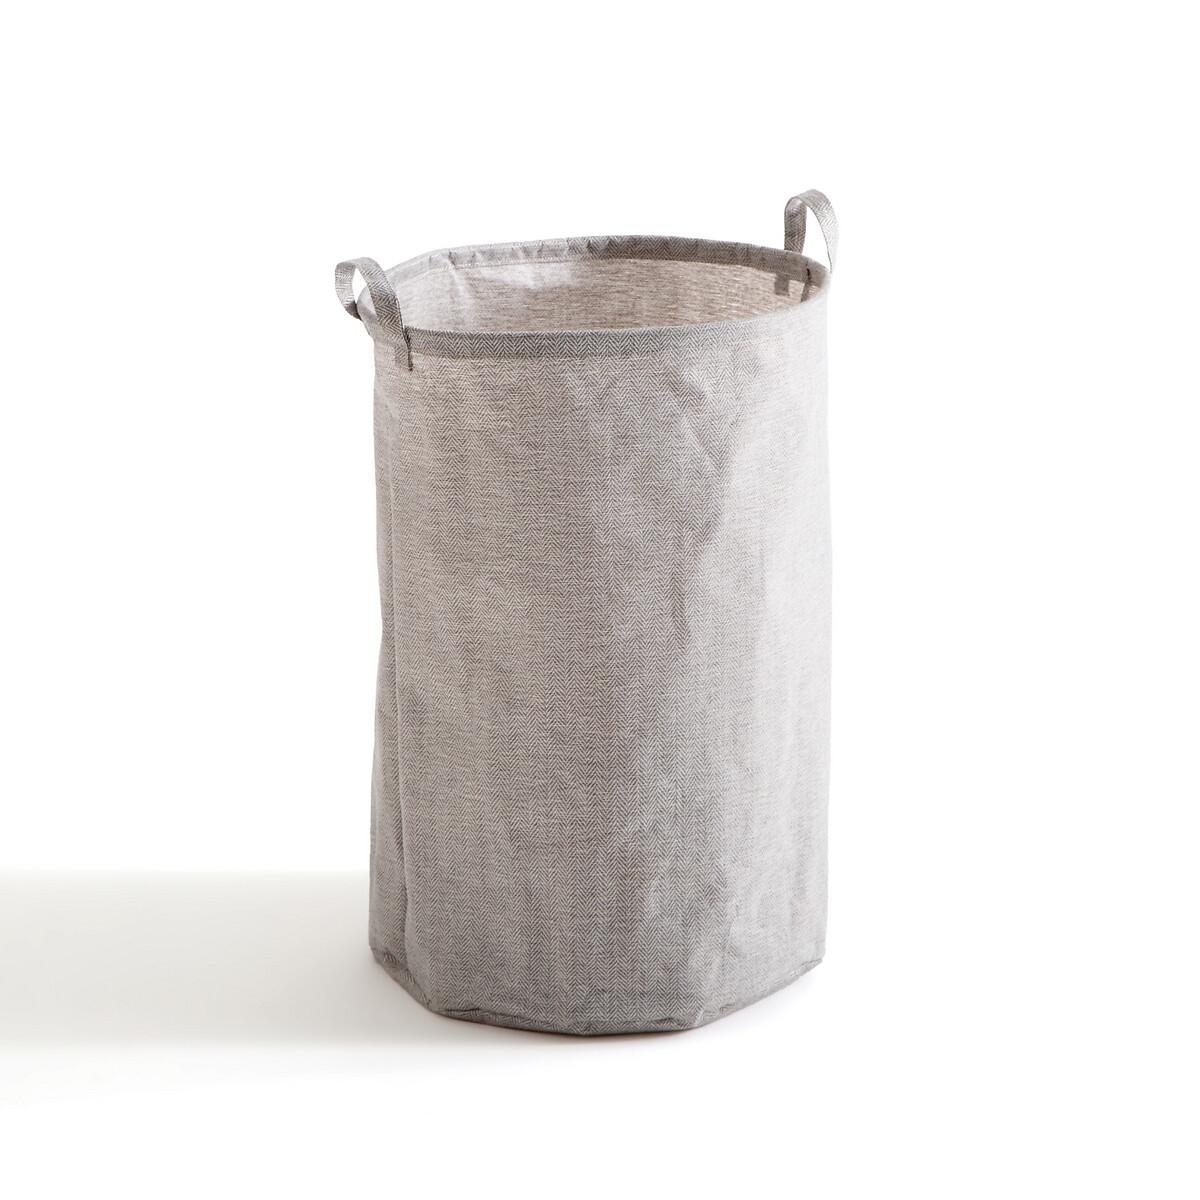 Фото - Корзина LaRedoute Для белья Monteo единый размер серый корзина laredoute для белья из ткани louison единый размер серый